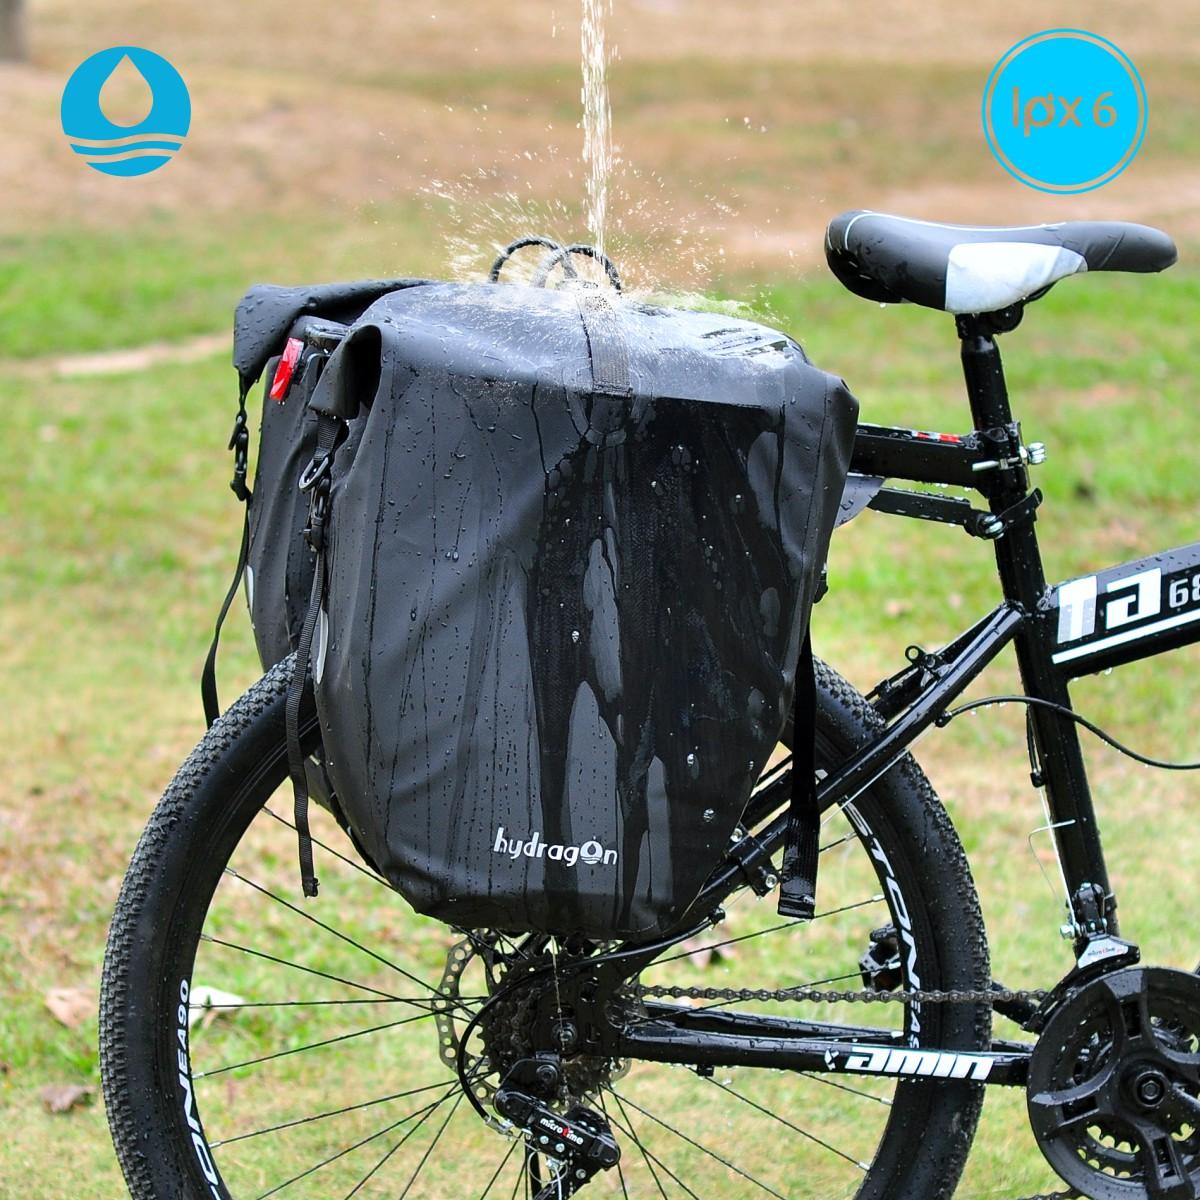 海泽龙自行车挂包后架货驮包骑行防水装备包简约款